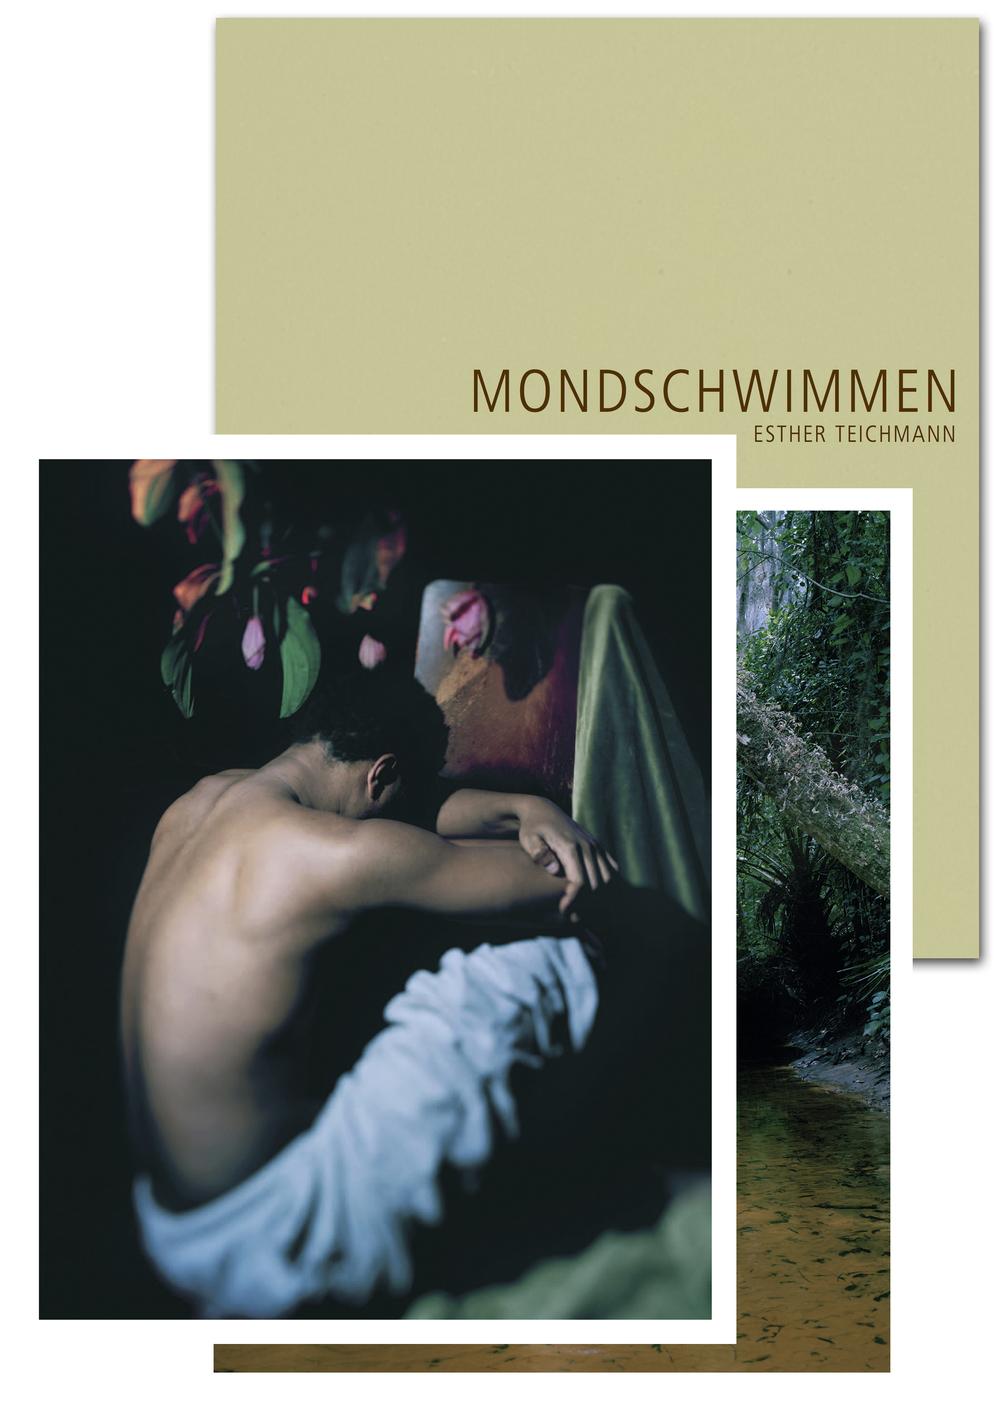 """Edition 1 Esther Teichmann """"Mondschwimmen""""  Katalog deutsch / englisch, signiert, nummeriert, mit zwei analogen C-Prints Auflage 100   Preis: ab 100 €"""